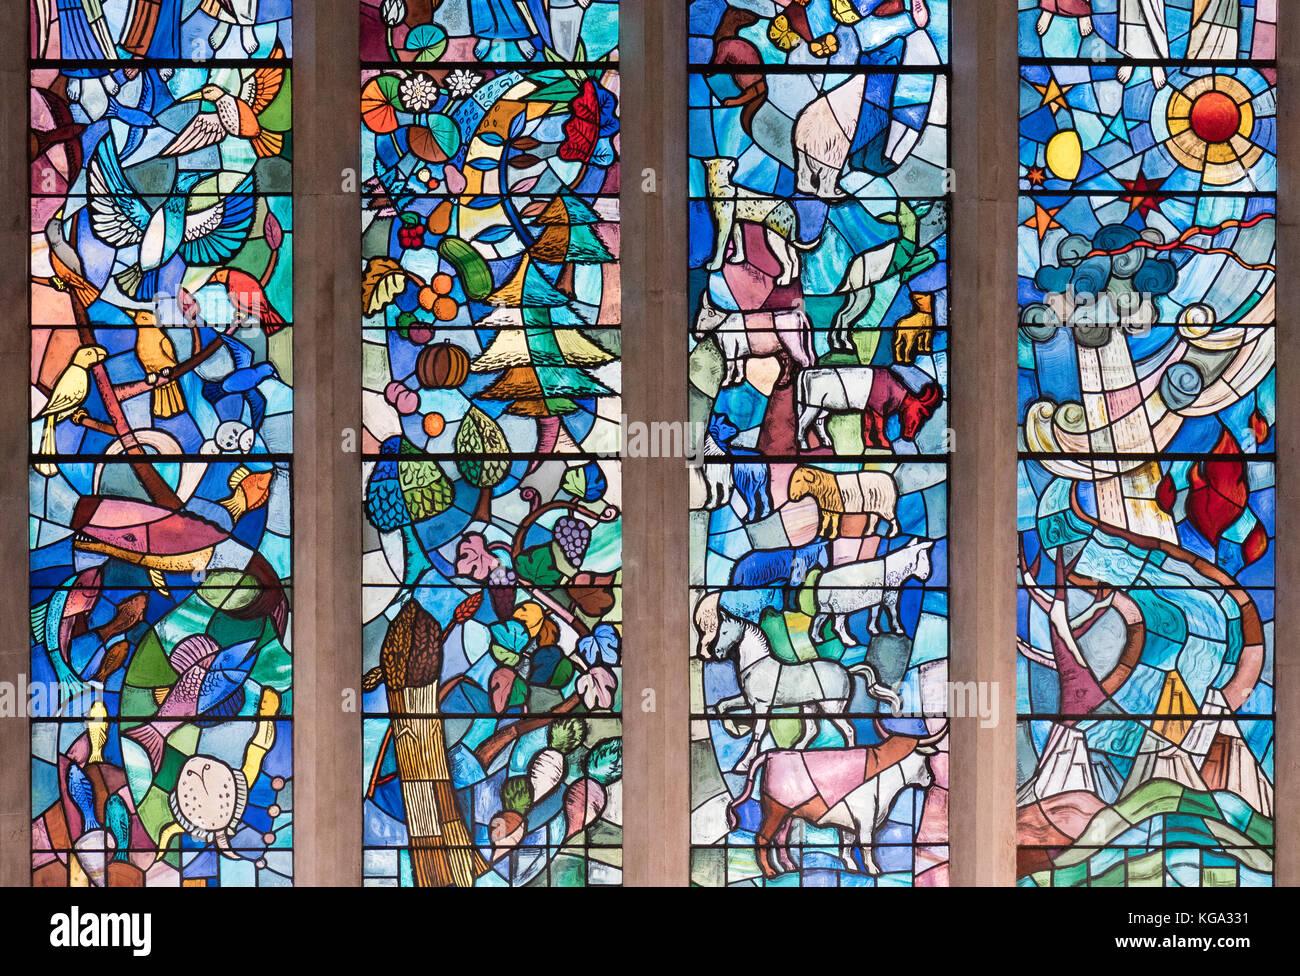 Vitrales con animales y cultivos en la universidad agrícola real capilla, Cirencester, Gloucestershire, Inglaterra, Imagen De Stock